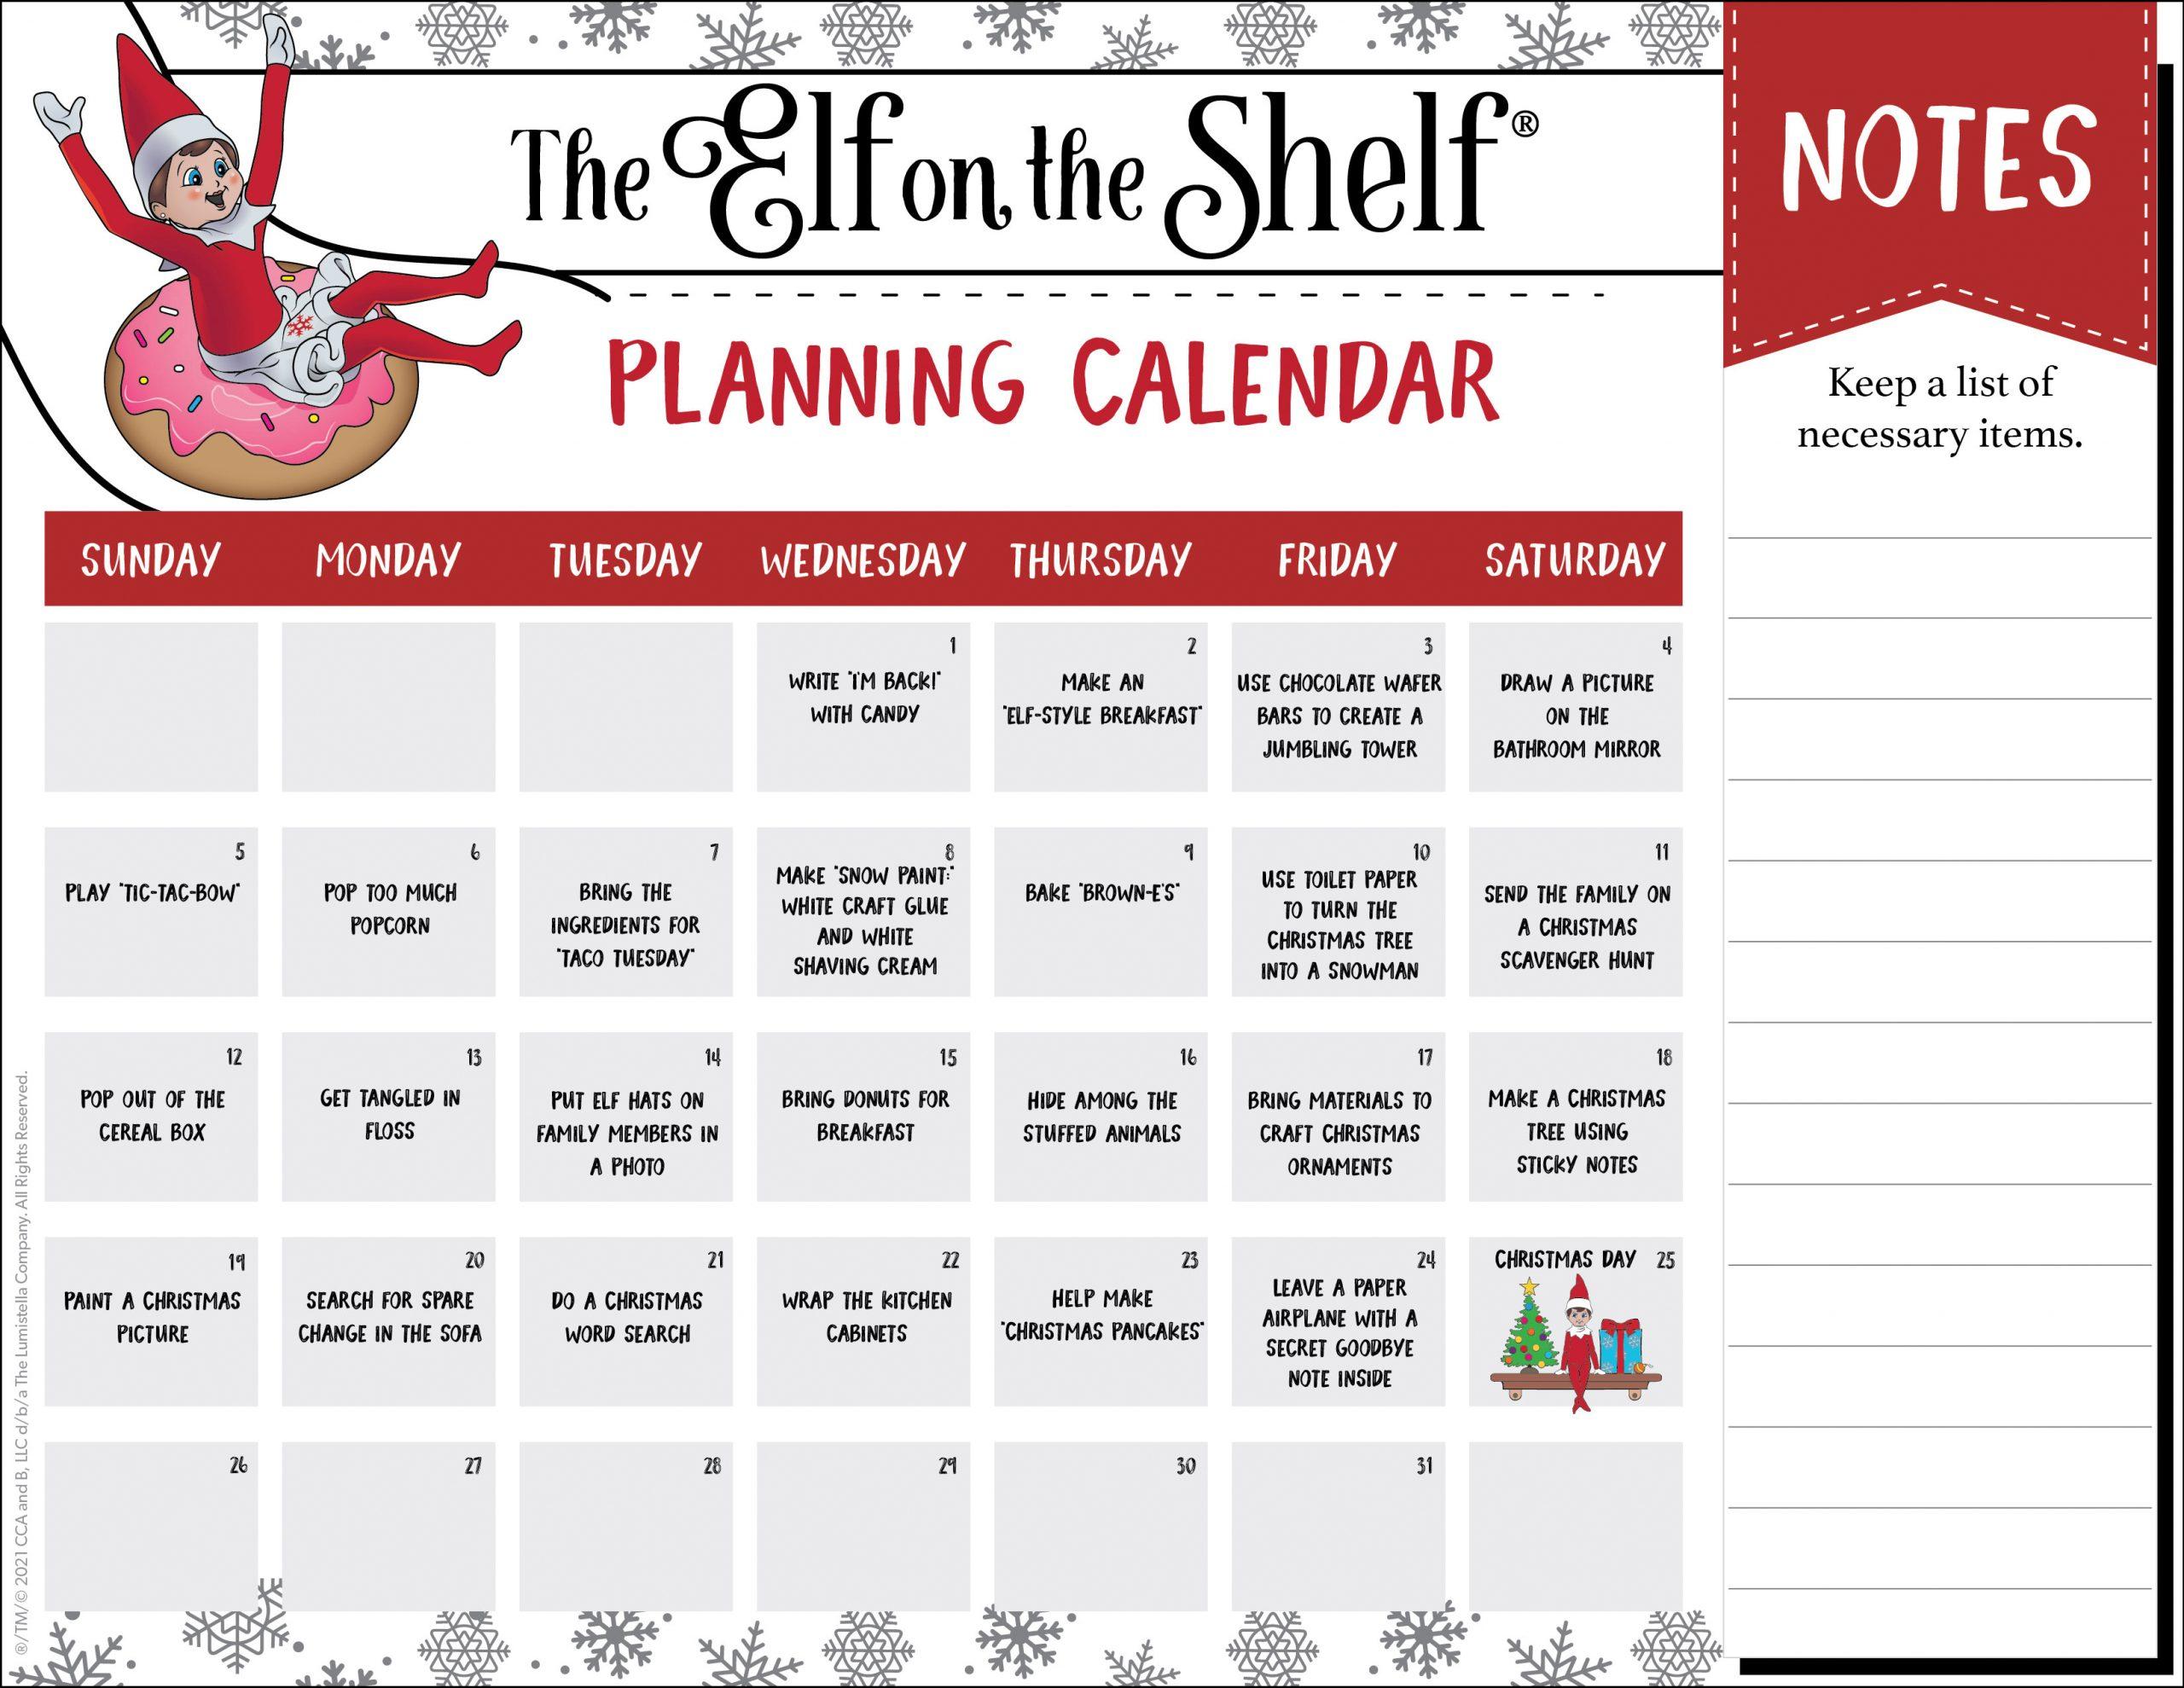 Planning Calendar Template C